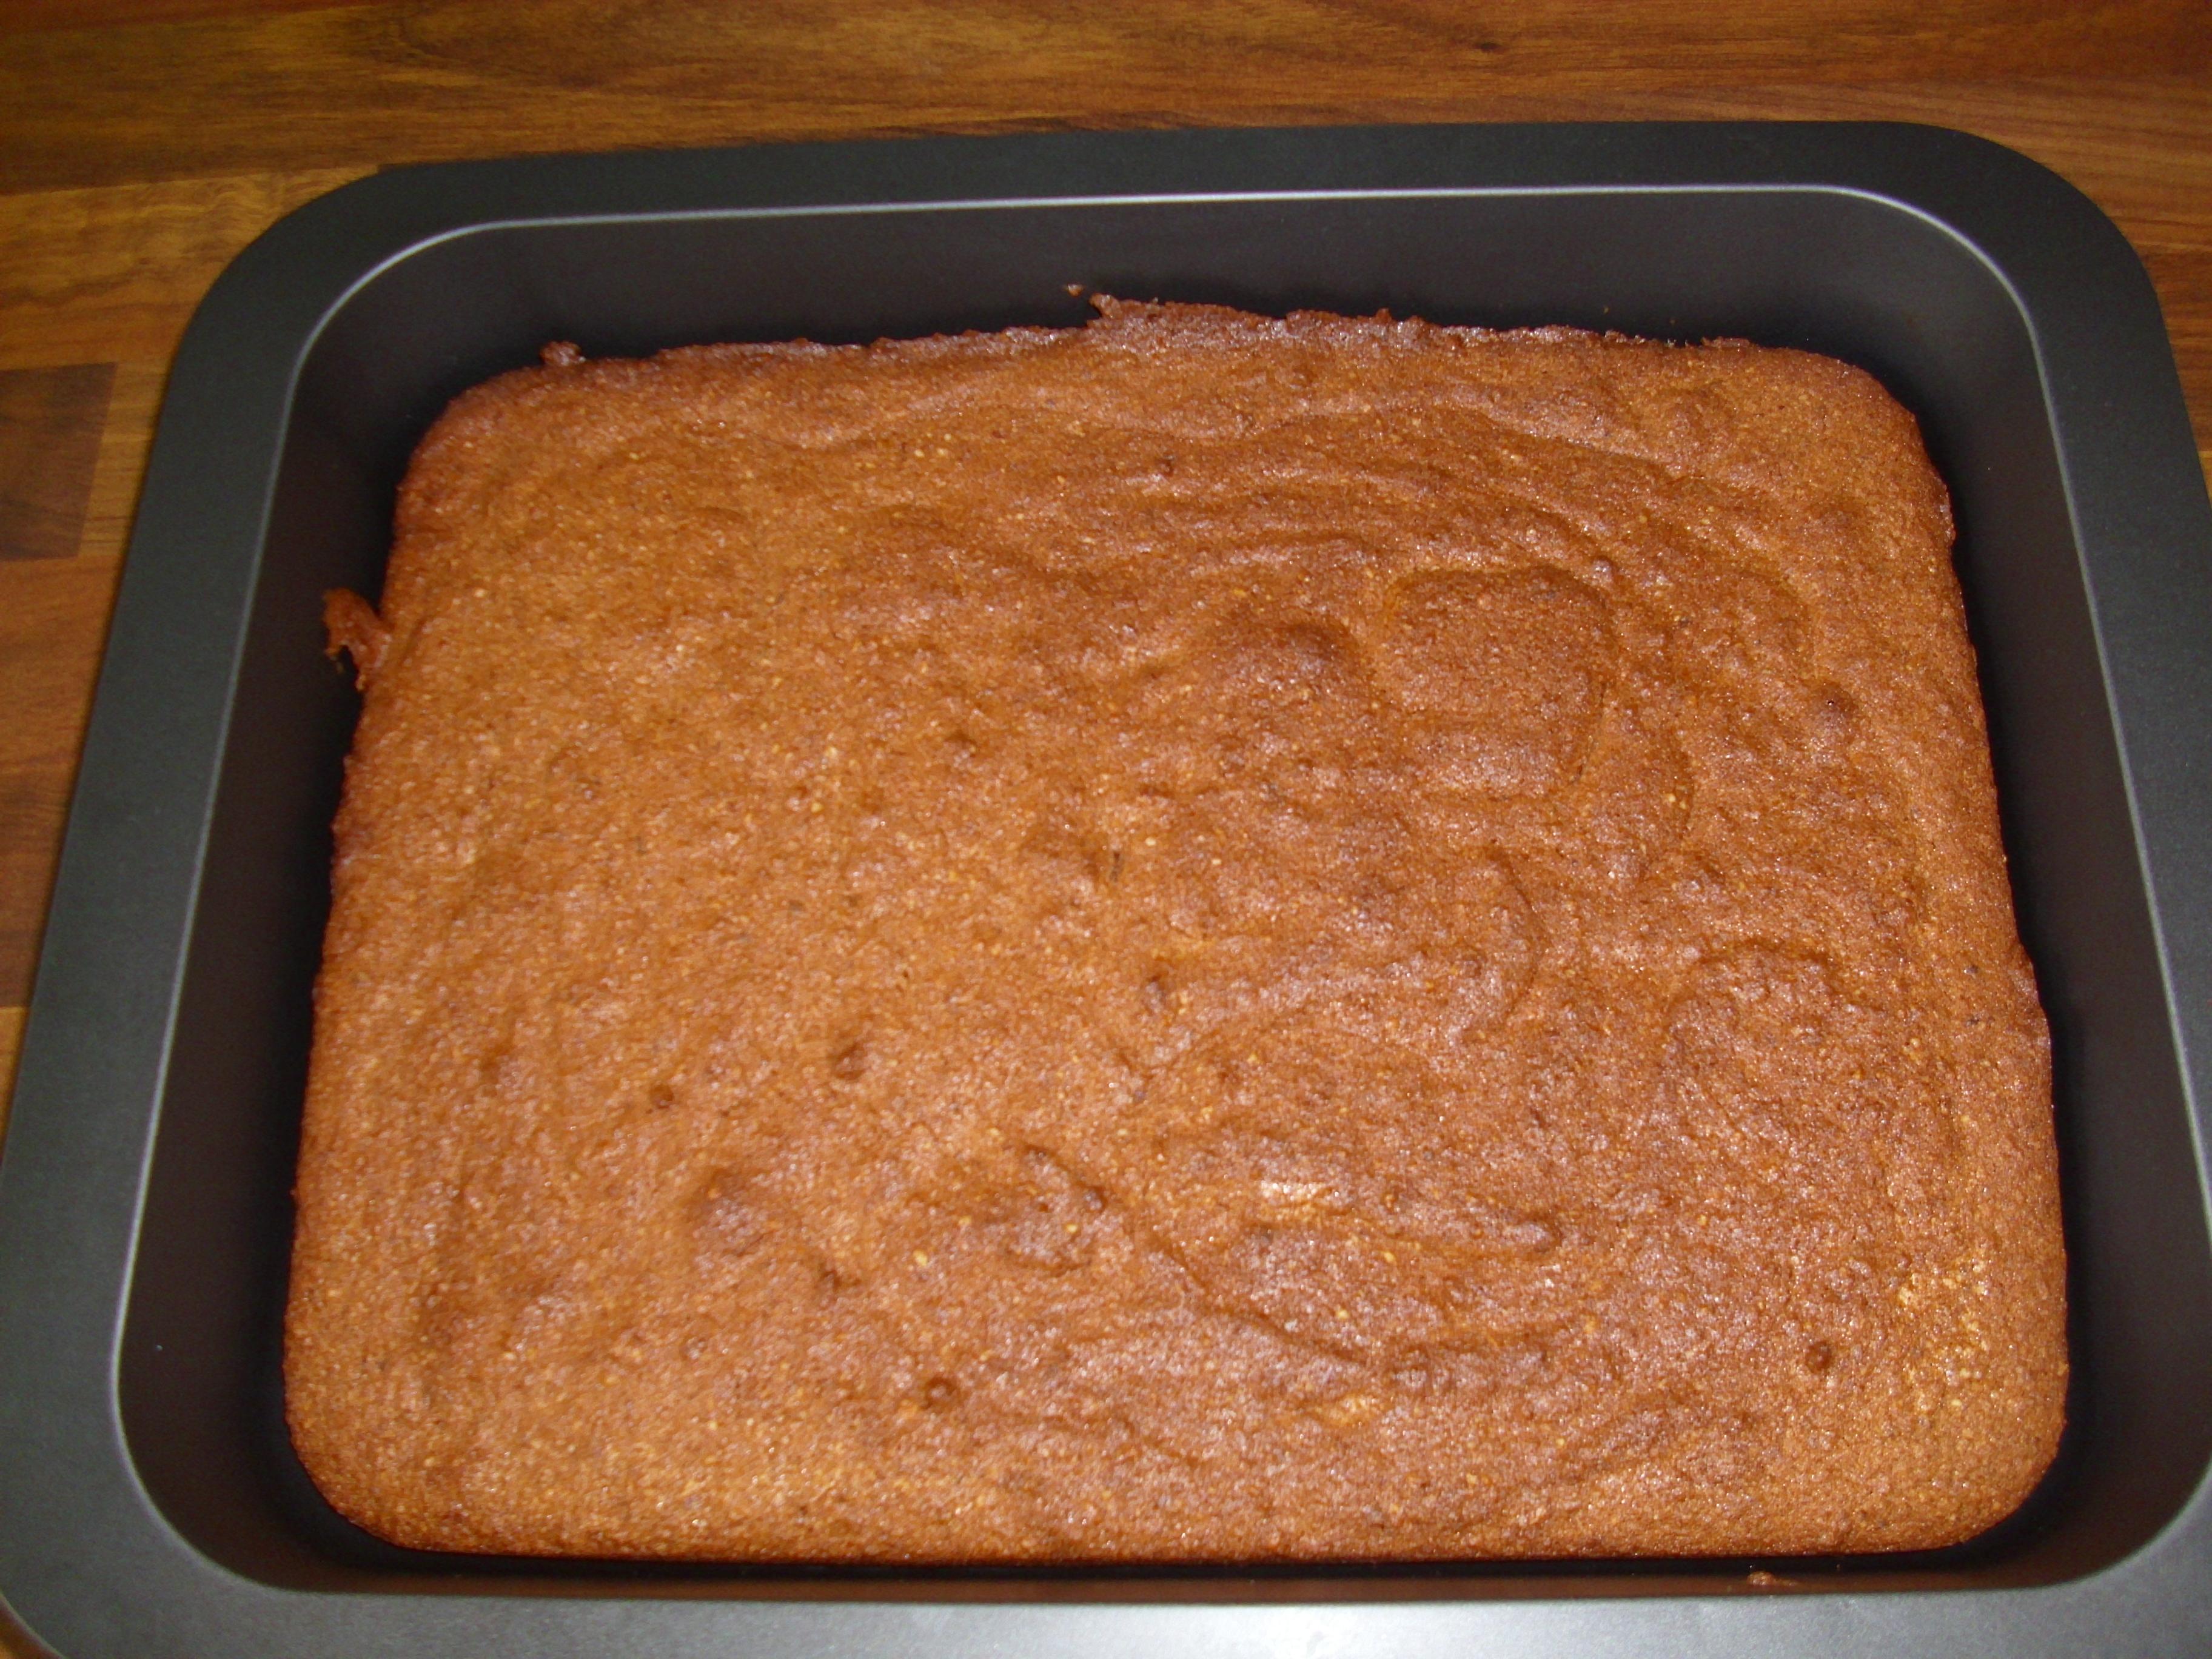 Der fertige Kuchen, frisch aus dem Ofen